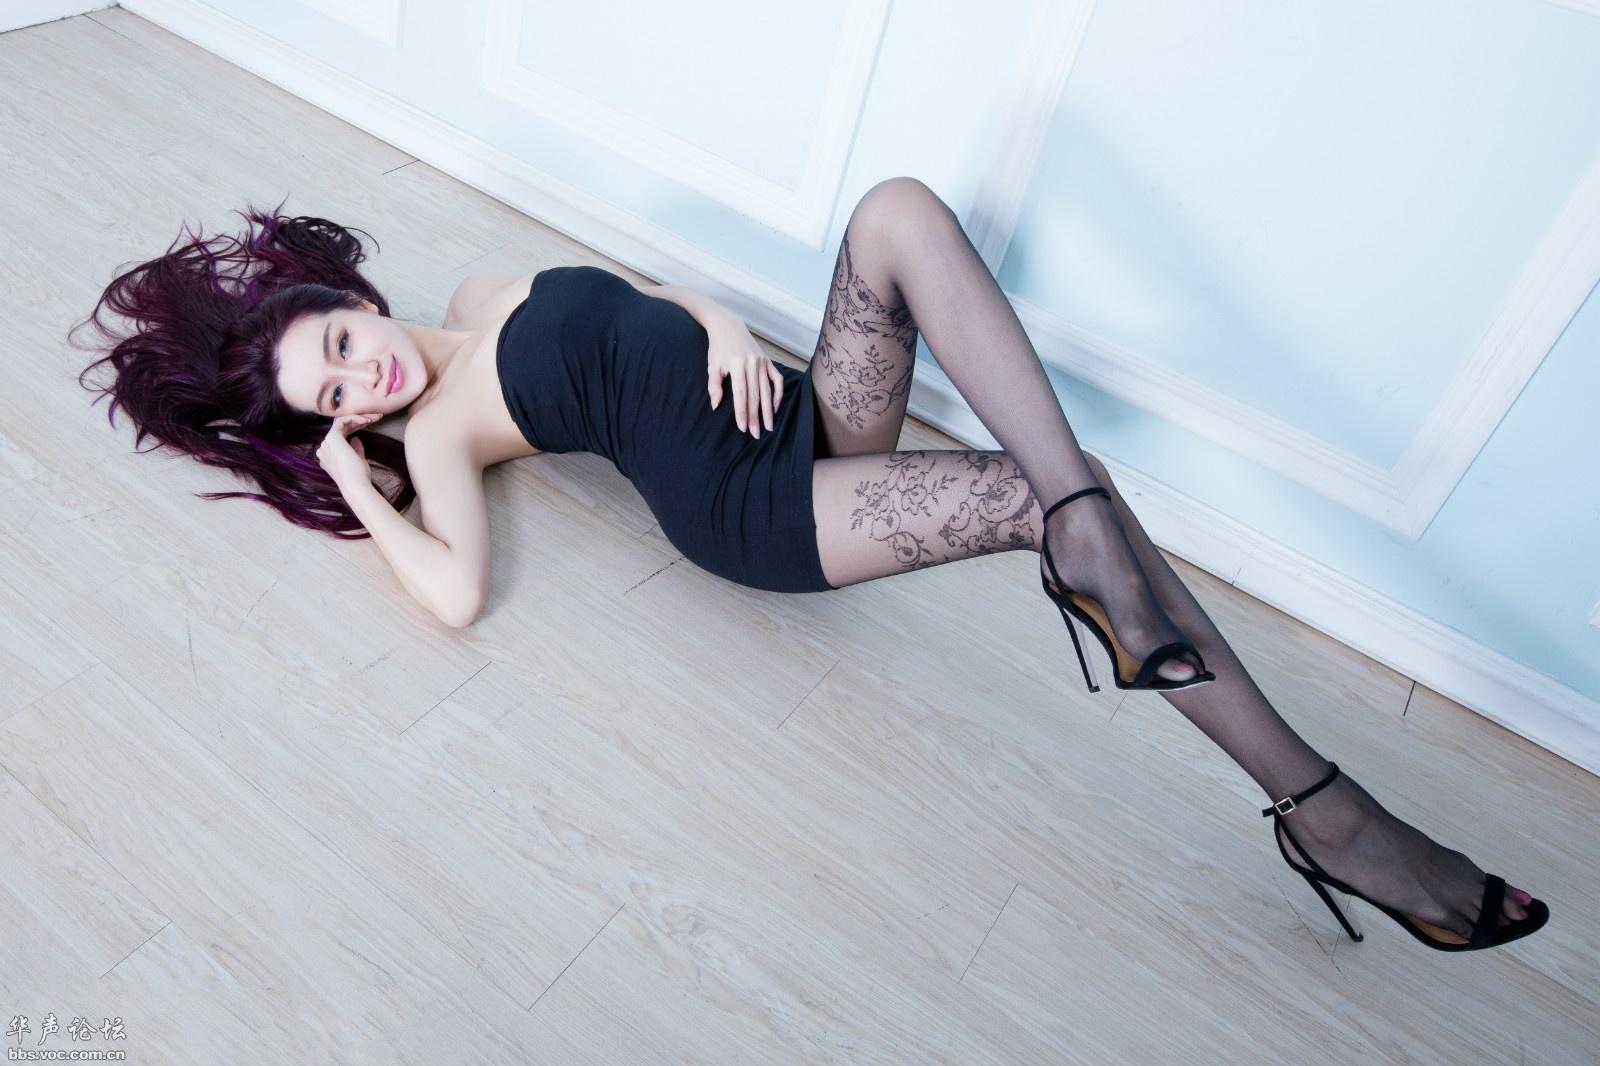 丽柜美模美腿秀6 - 花開有聲 - 花開有聲